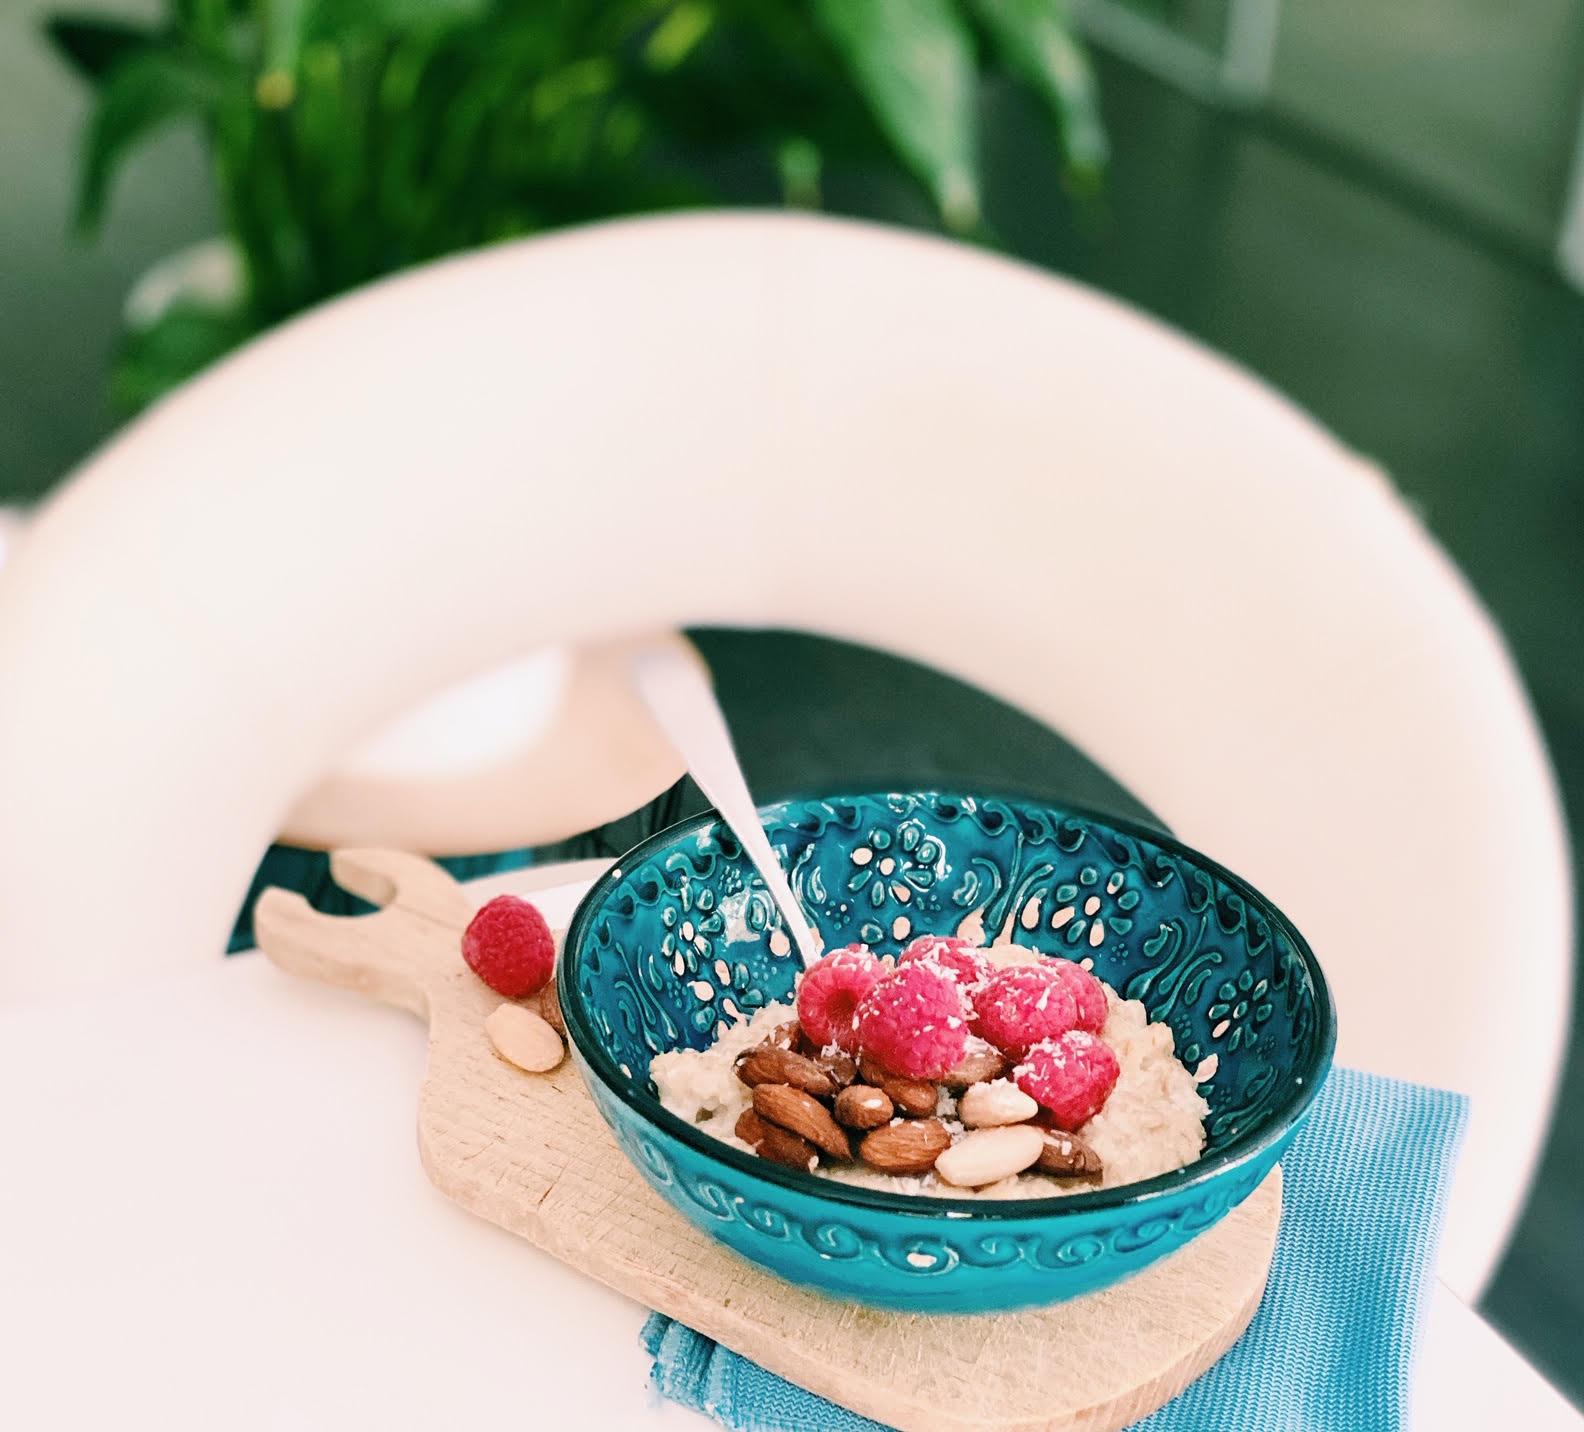 Ma cure healthy d'avoine et fruits rouges pour me préparer à l'été !